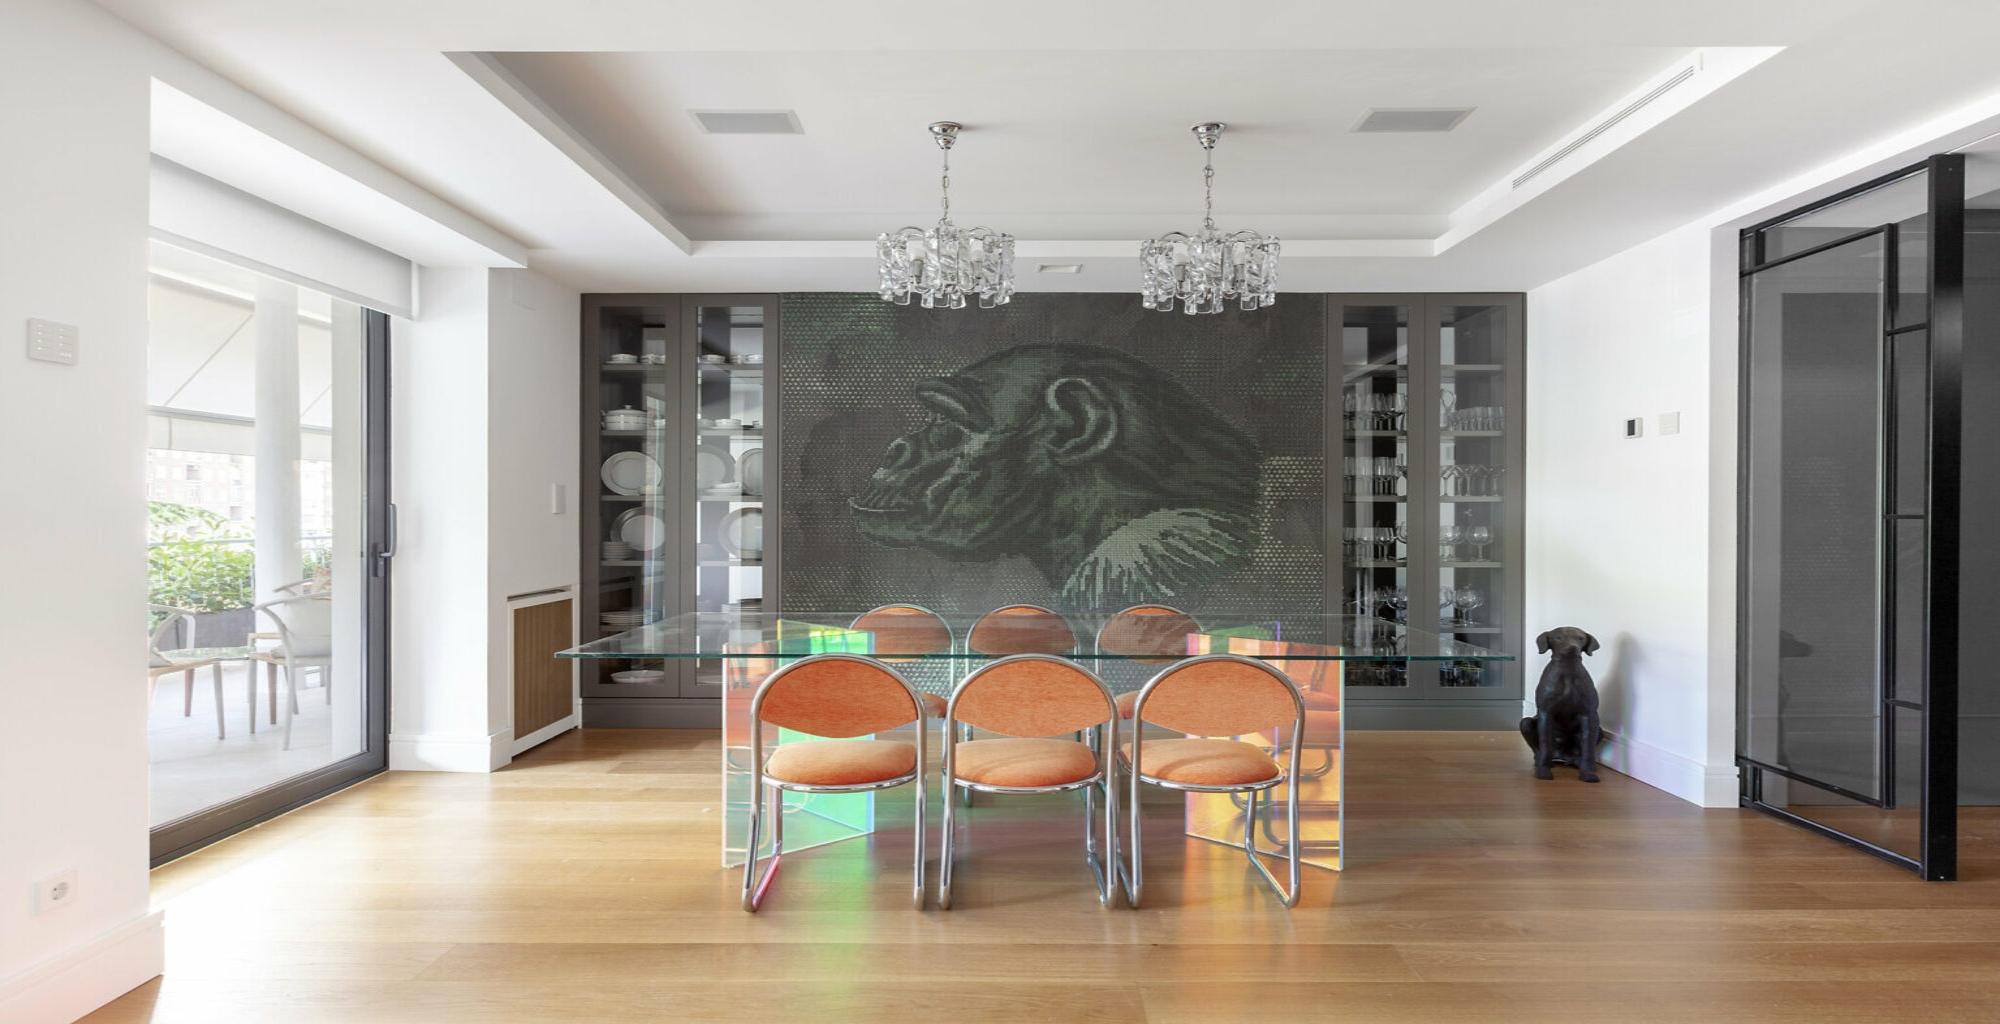 Estudio de Interiores: Galán Sobrini crea proyectos lujuosos y elegantes estudio de interiores Estudio de Interiores: Galán Sobrini crea proyectos lujuosos y elegantes Featured1 1